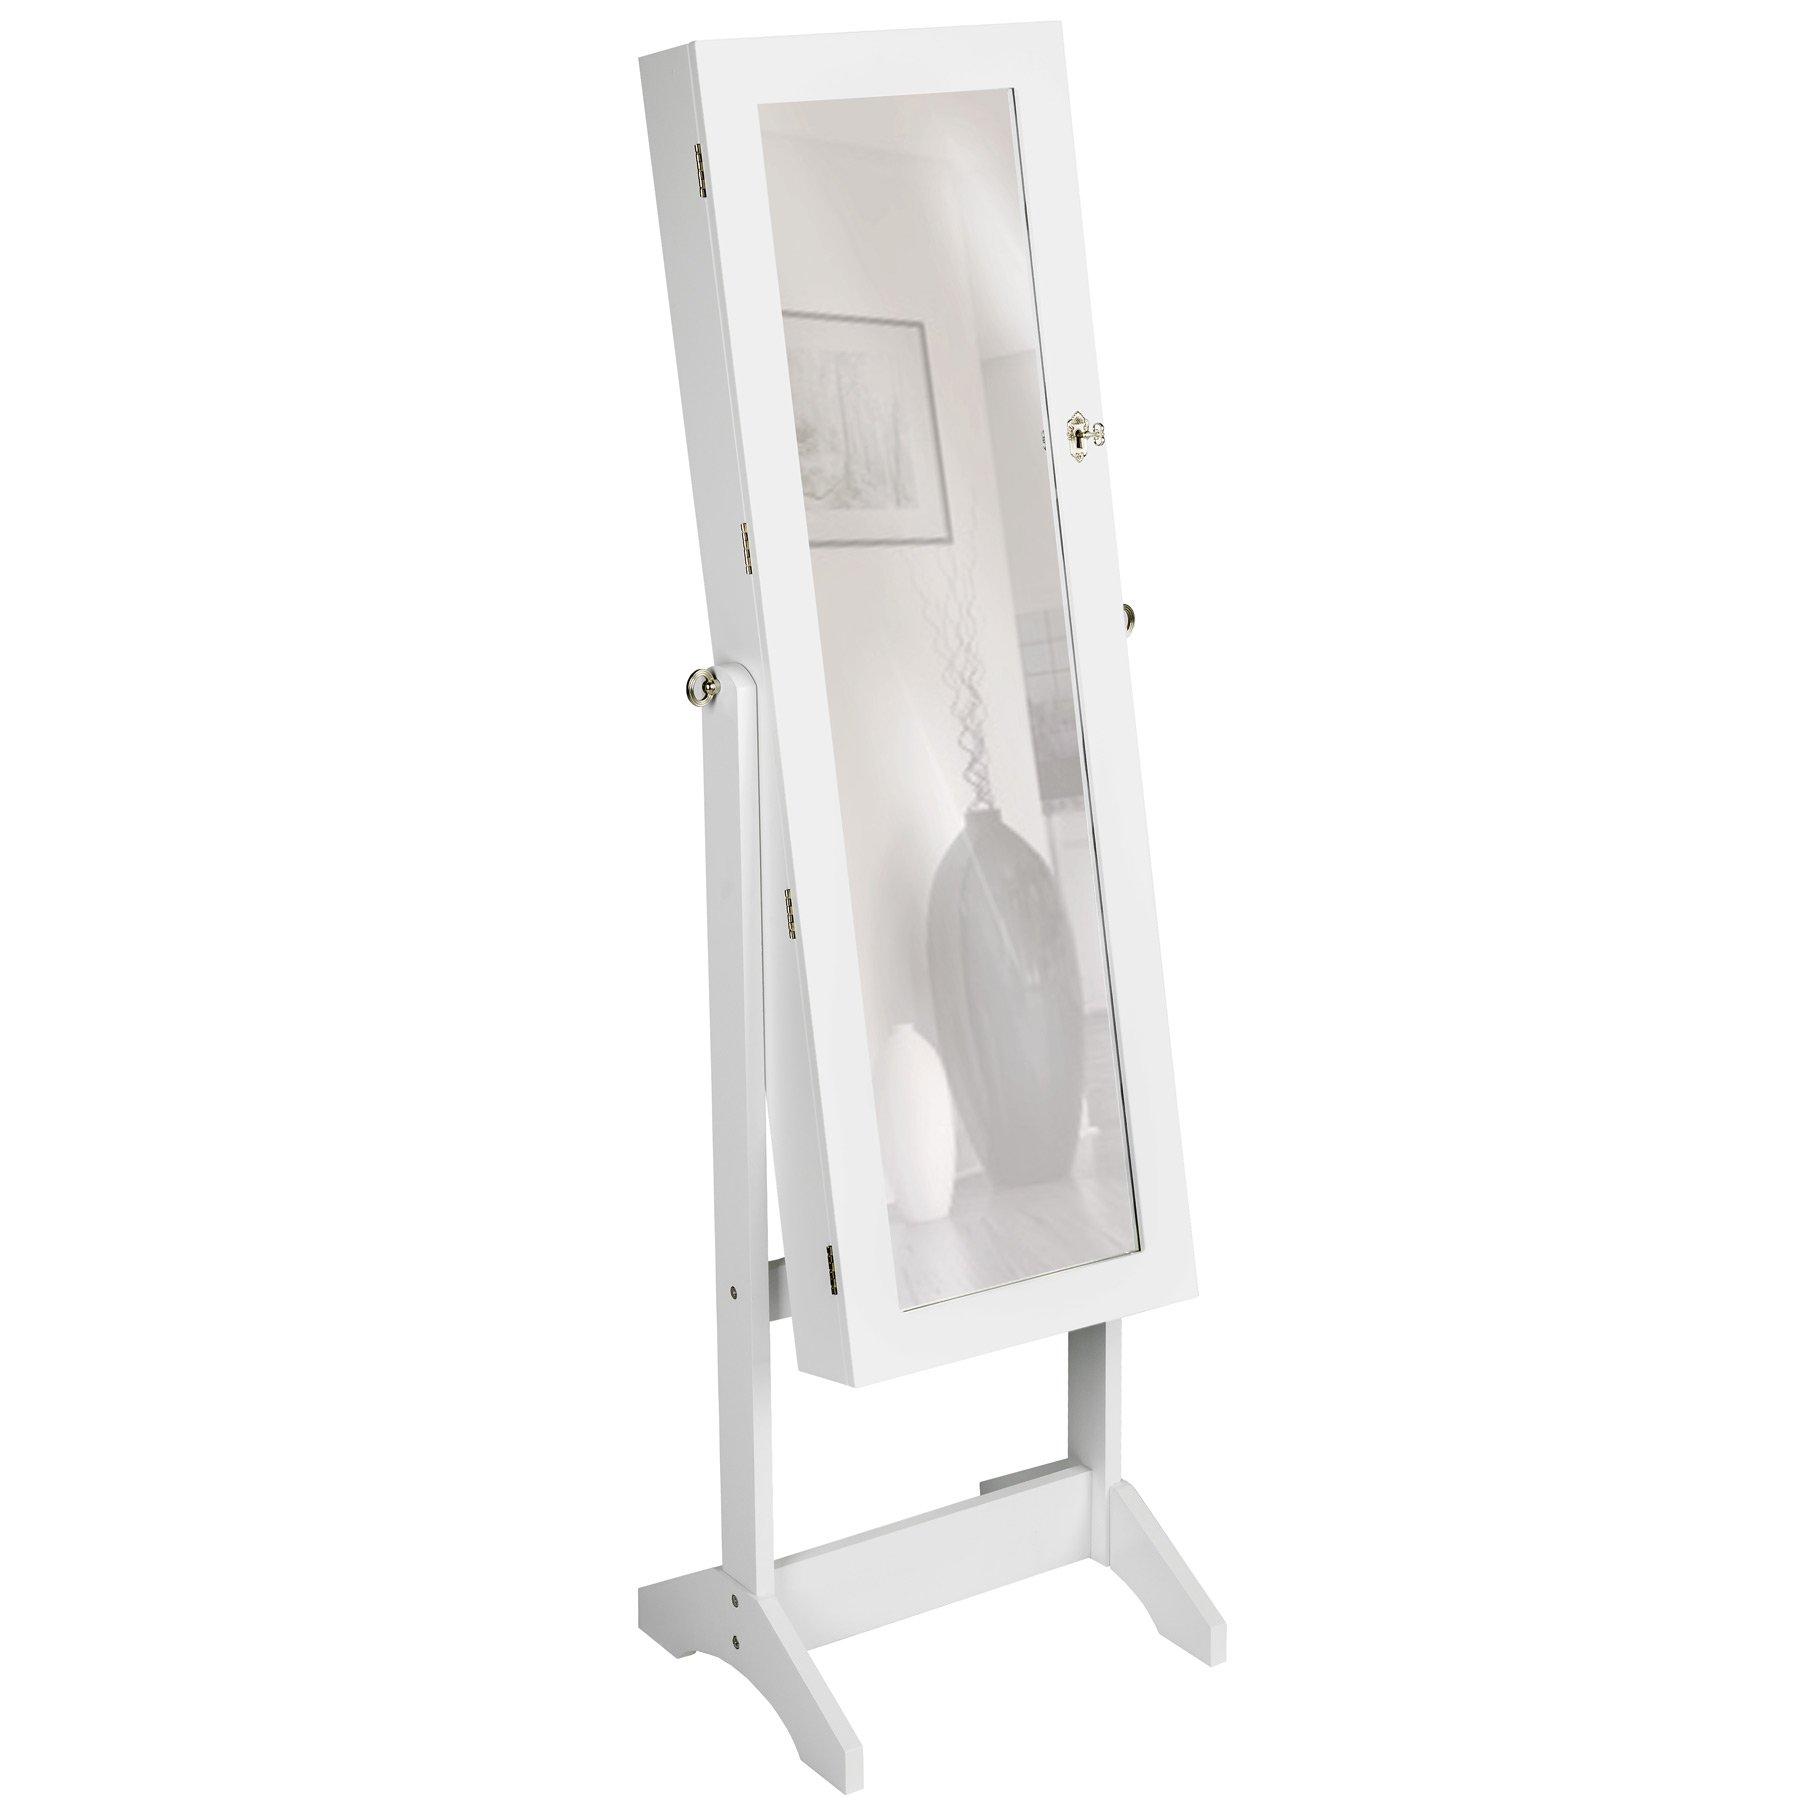 TecTake Espejo joyero espejo guarda joyas organizador espejo de pie pendientes (Blanco) product image